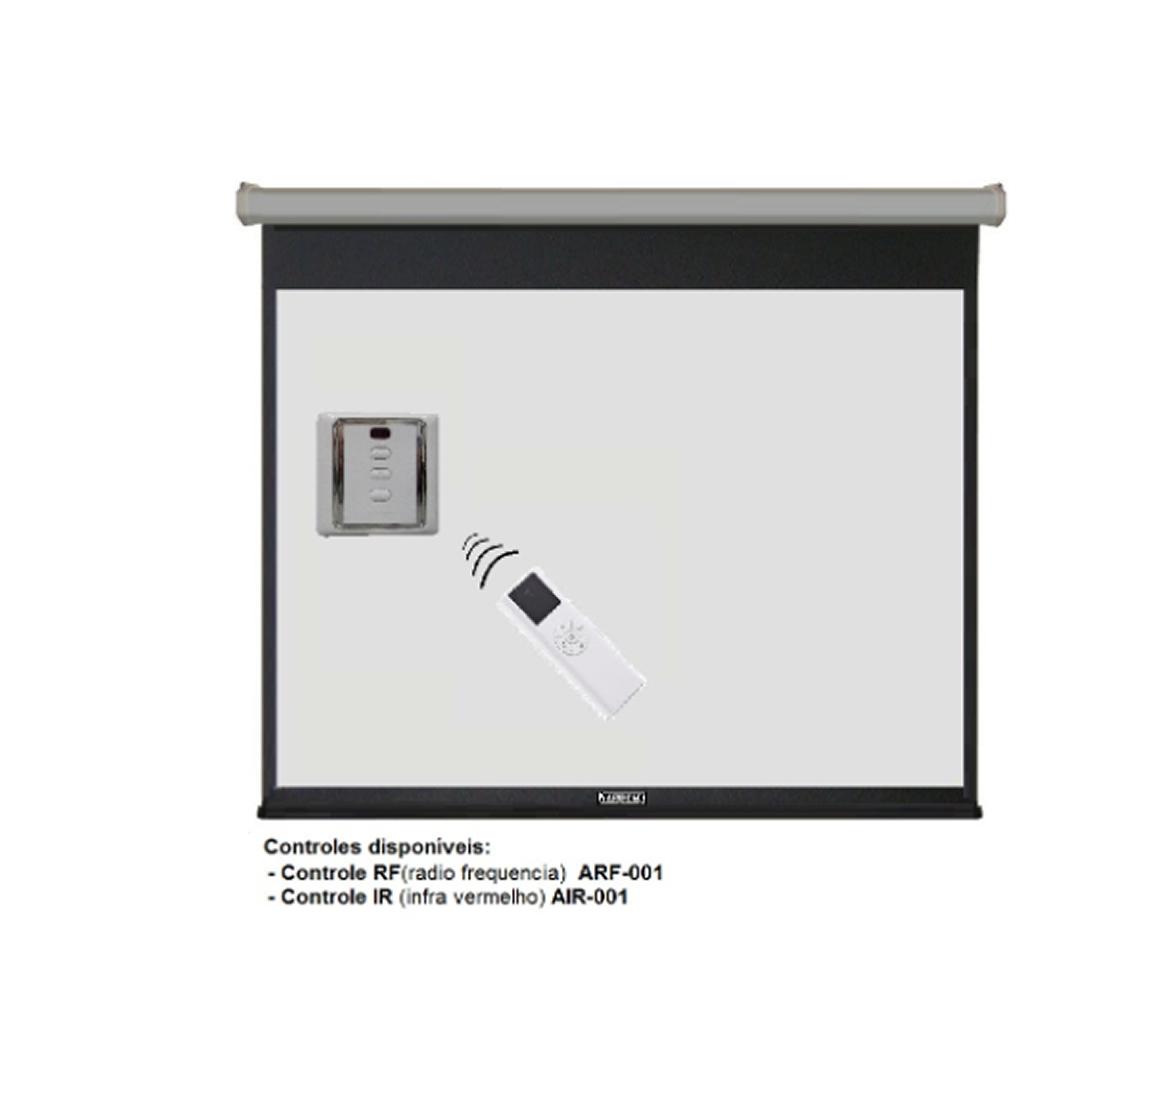 Tela Elétrica Standard PB 4/3 (304x228) - 127V - 150 Polegadas